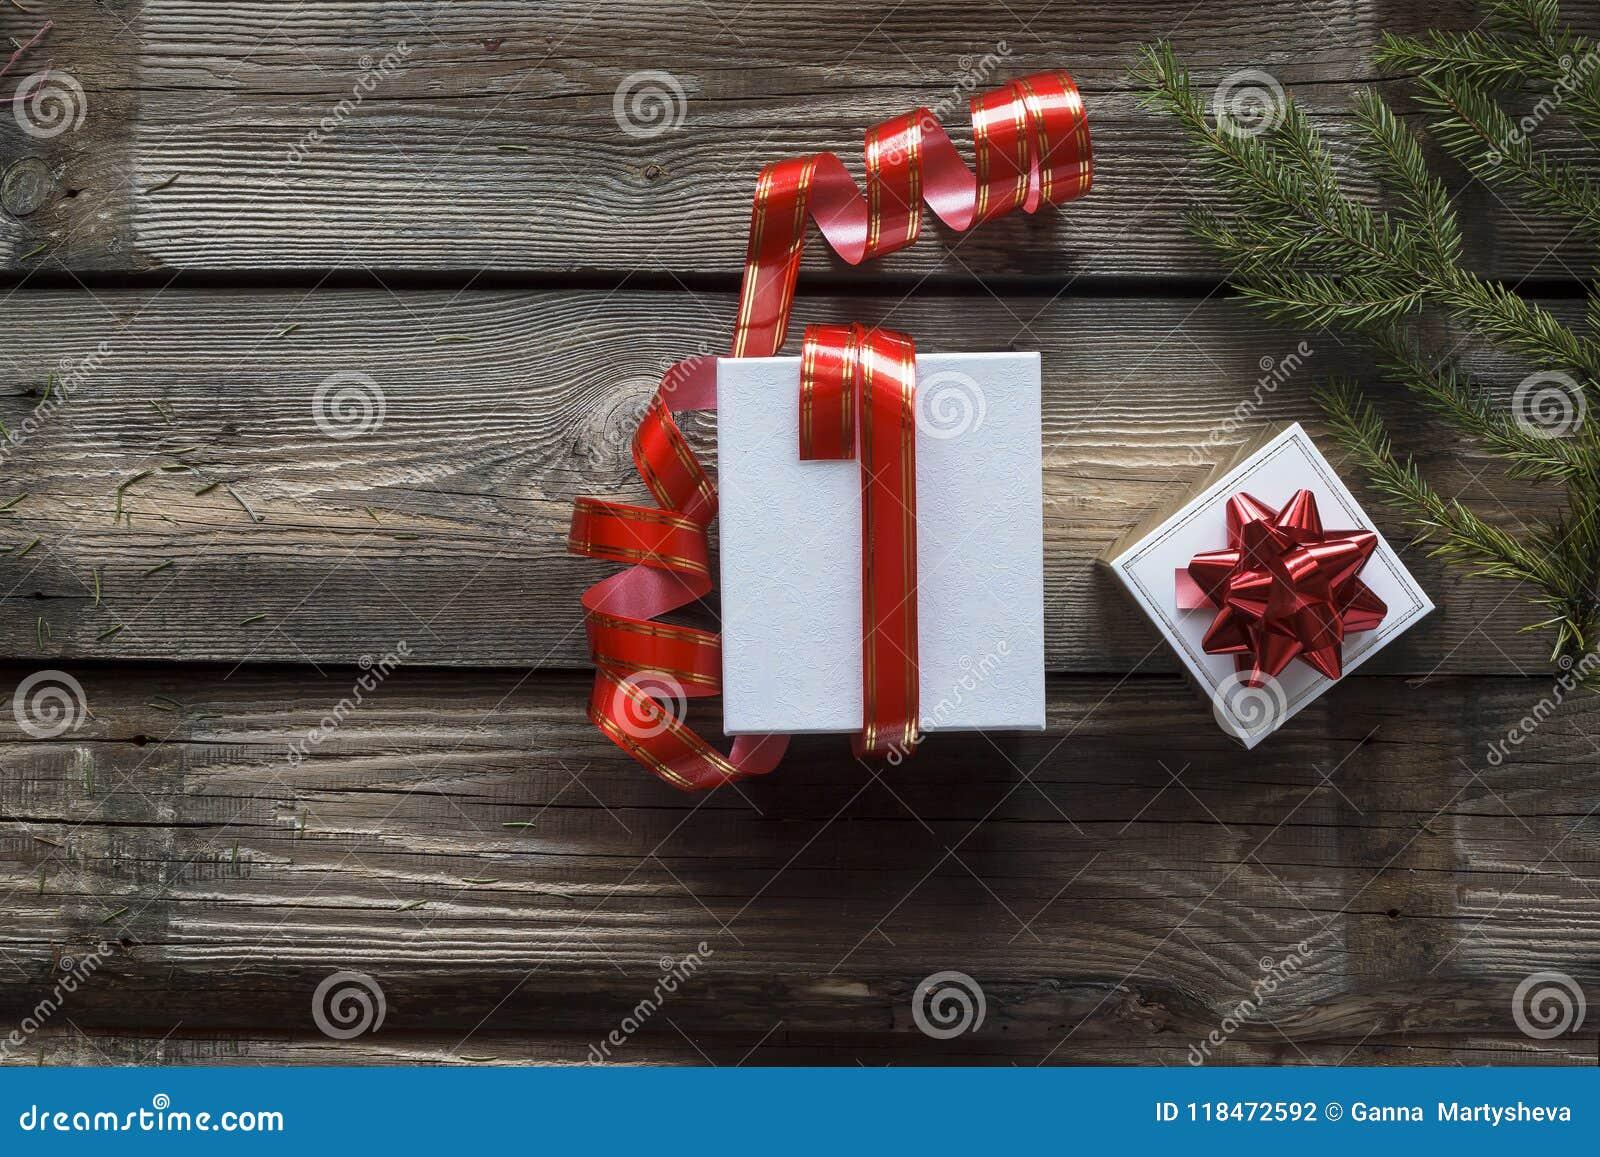 Kerstmis, Nieuwjaar wit, giftvakje, rood lint, houten achtergrond, hoogste mening, Wijnoogst, ruimte voor tekst Online levering